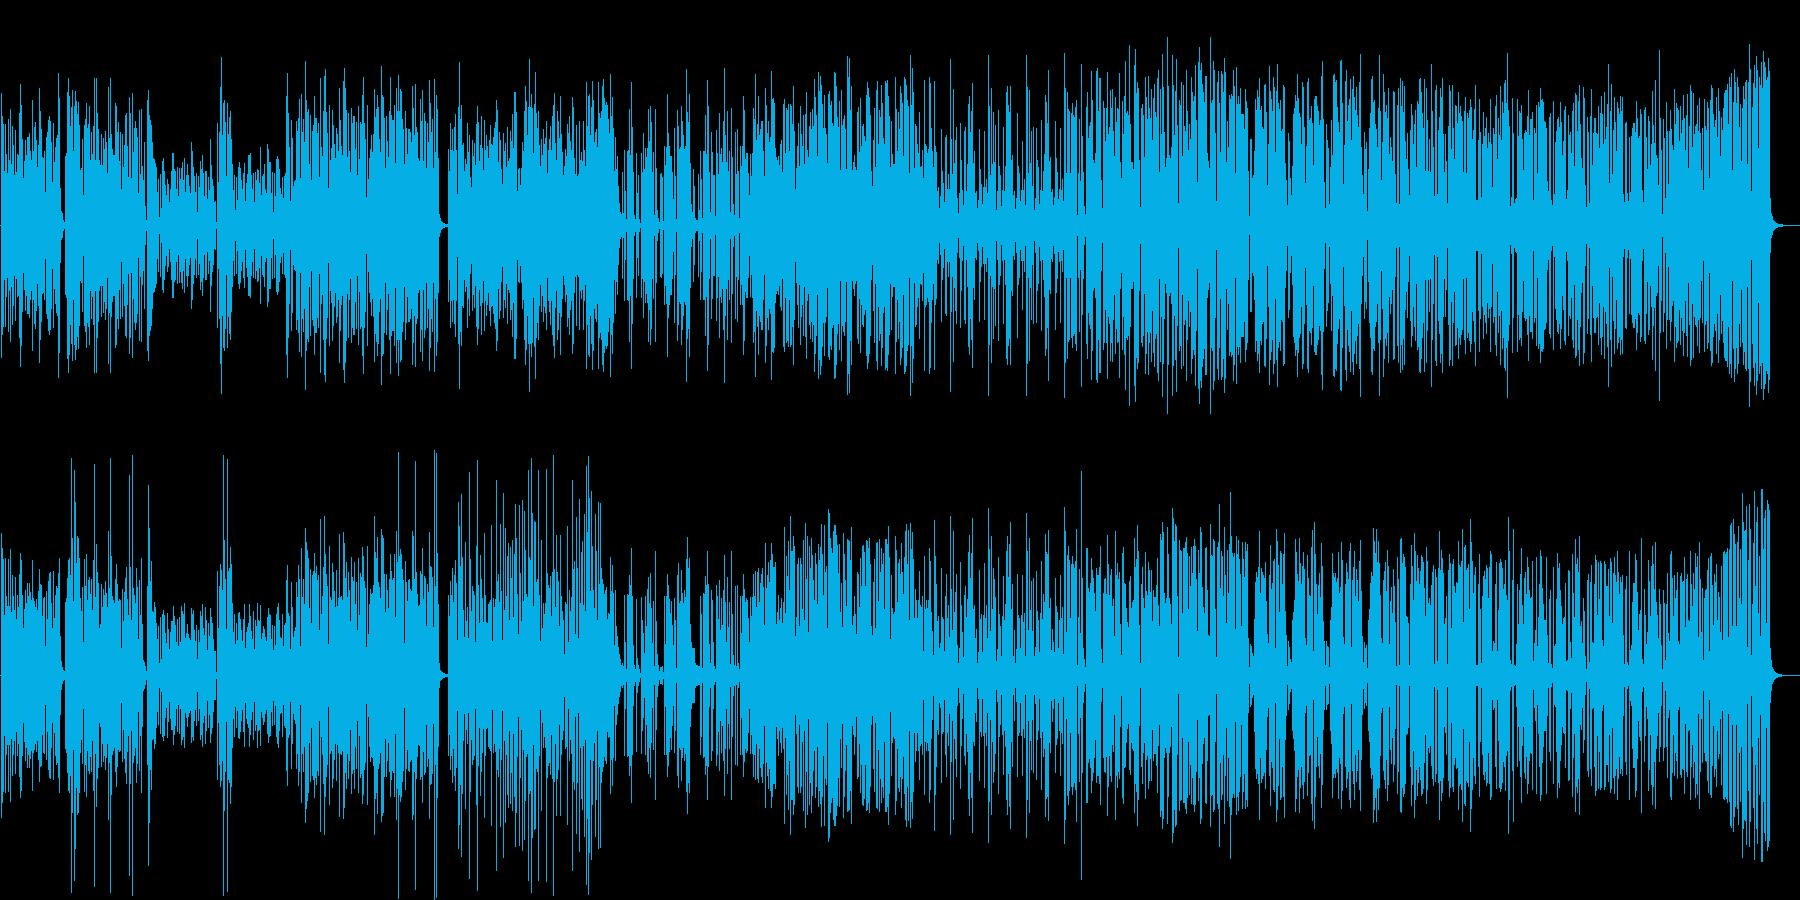 軽快で明るいファンクの再生済みの波形